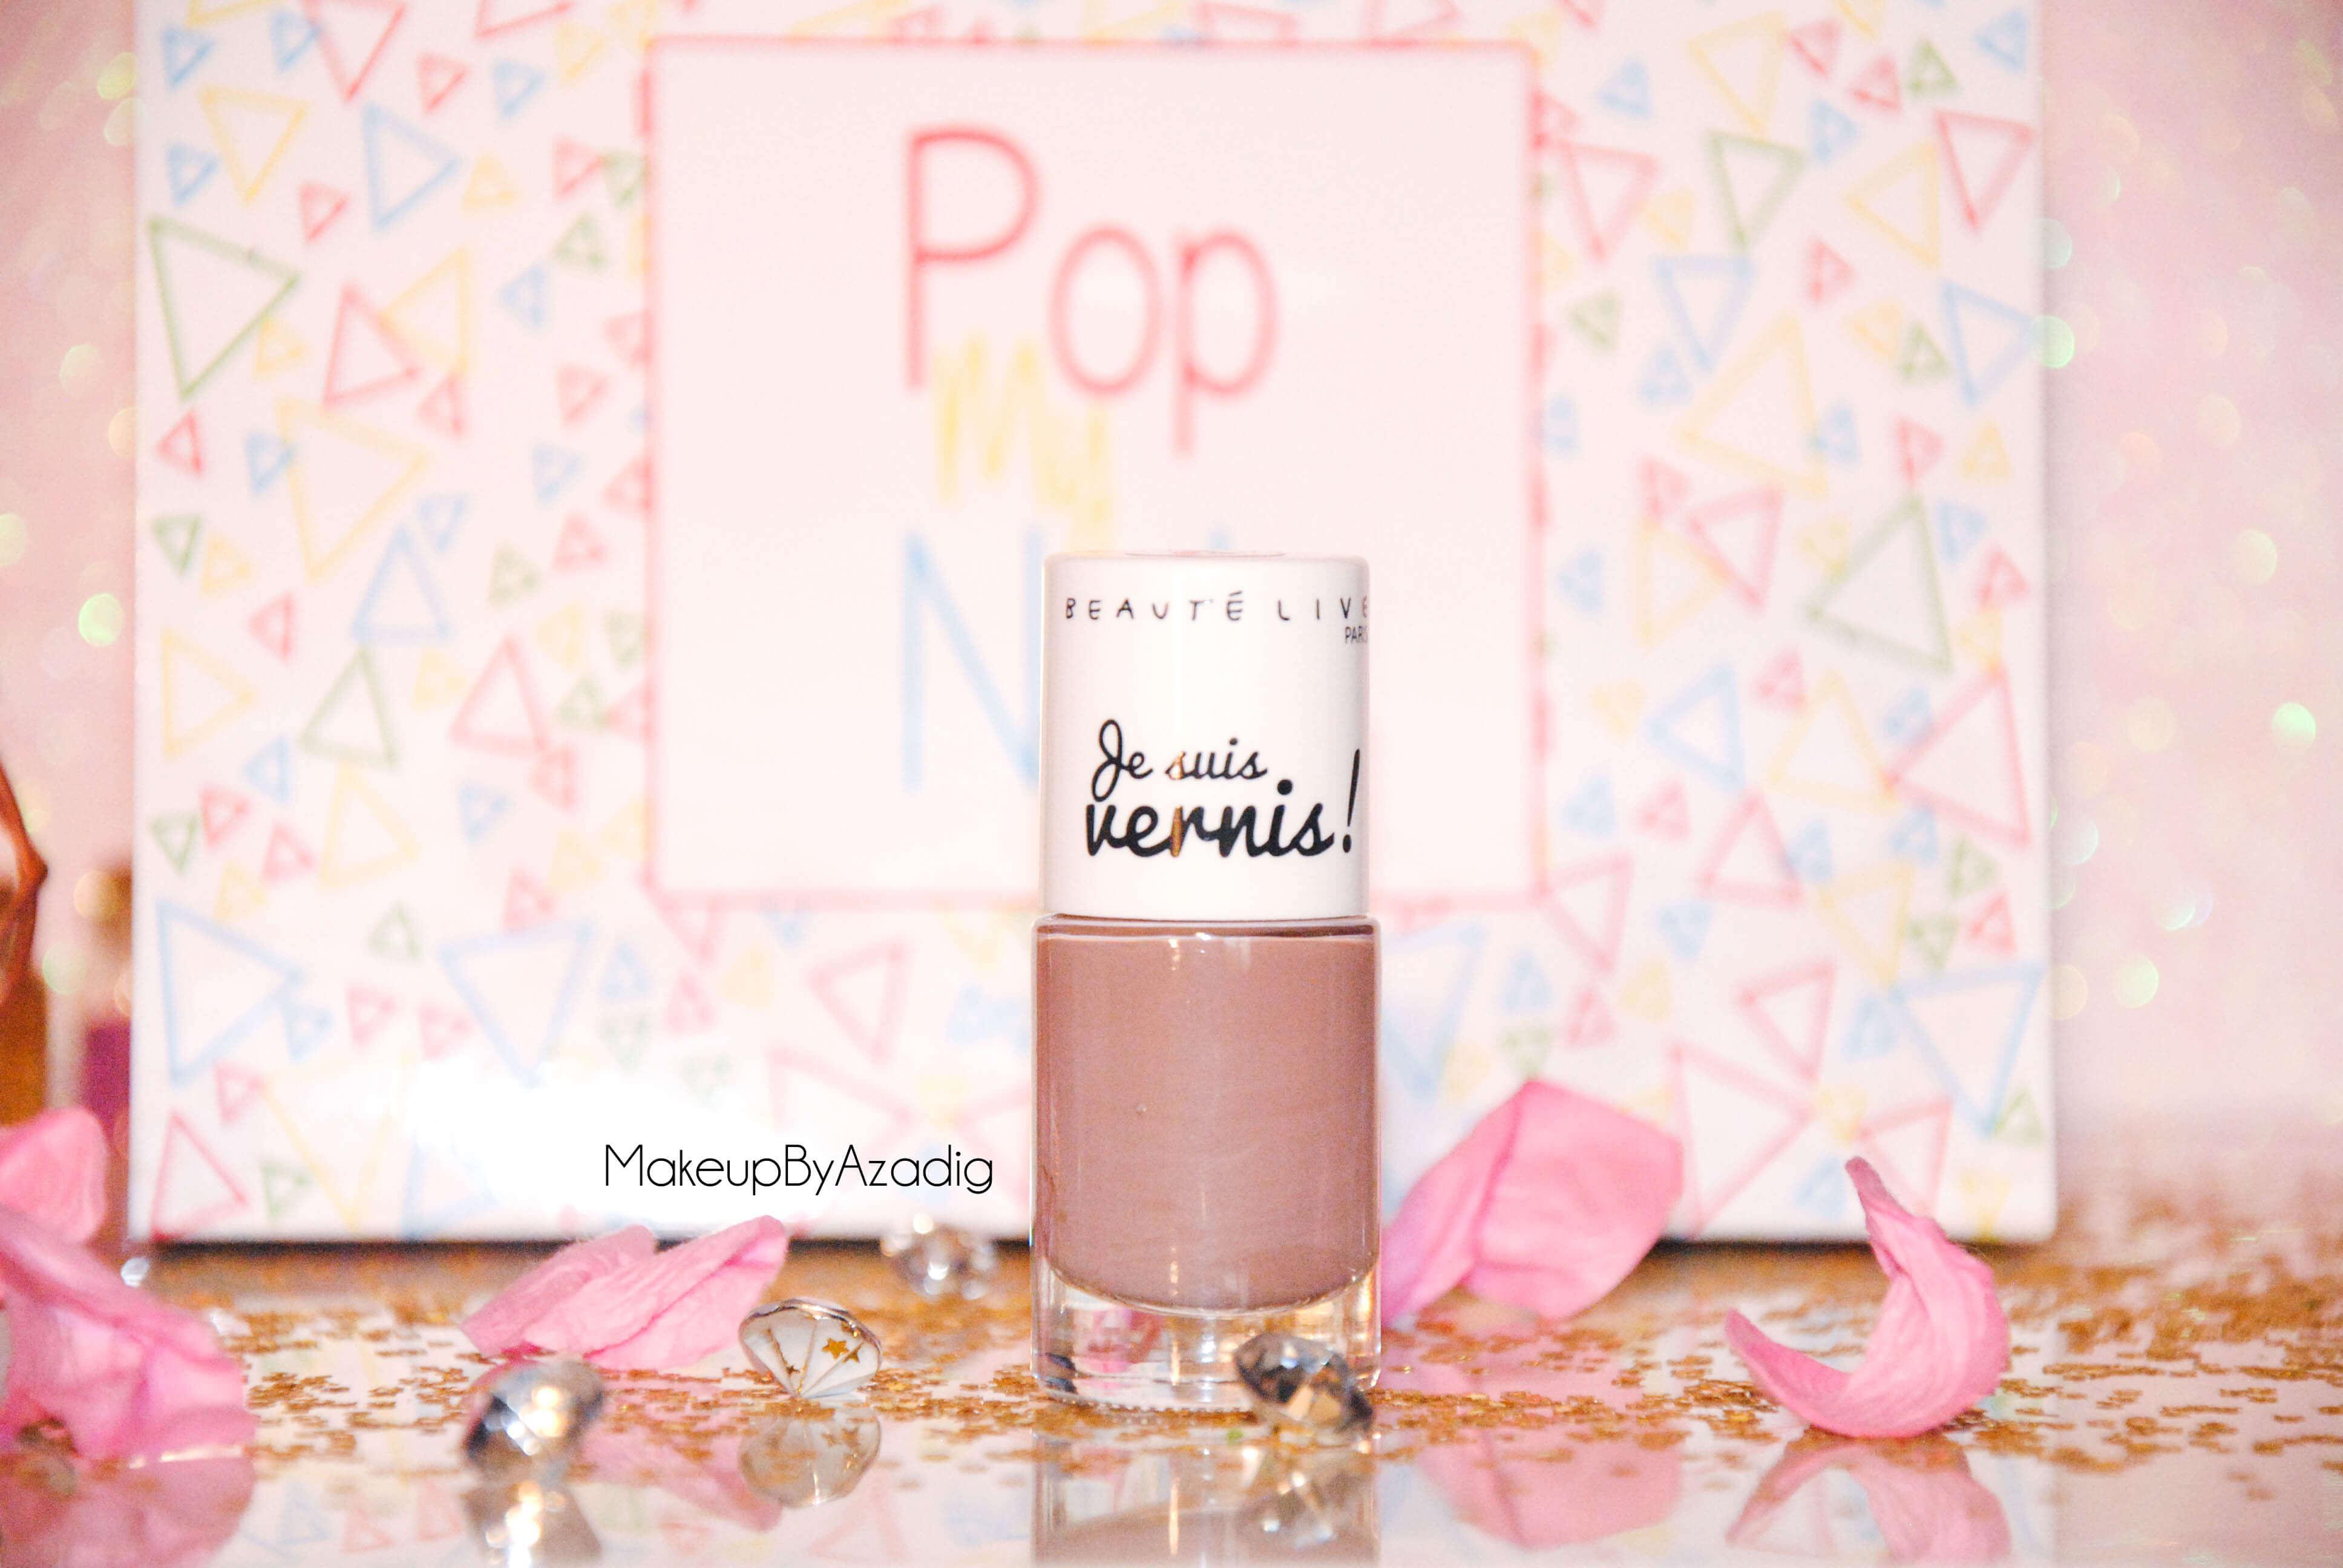 popmynails-makeupbyazadig-box-beaute-vernis-nails-troyes-paris-revue-avis-prix-je-suis-vernis